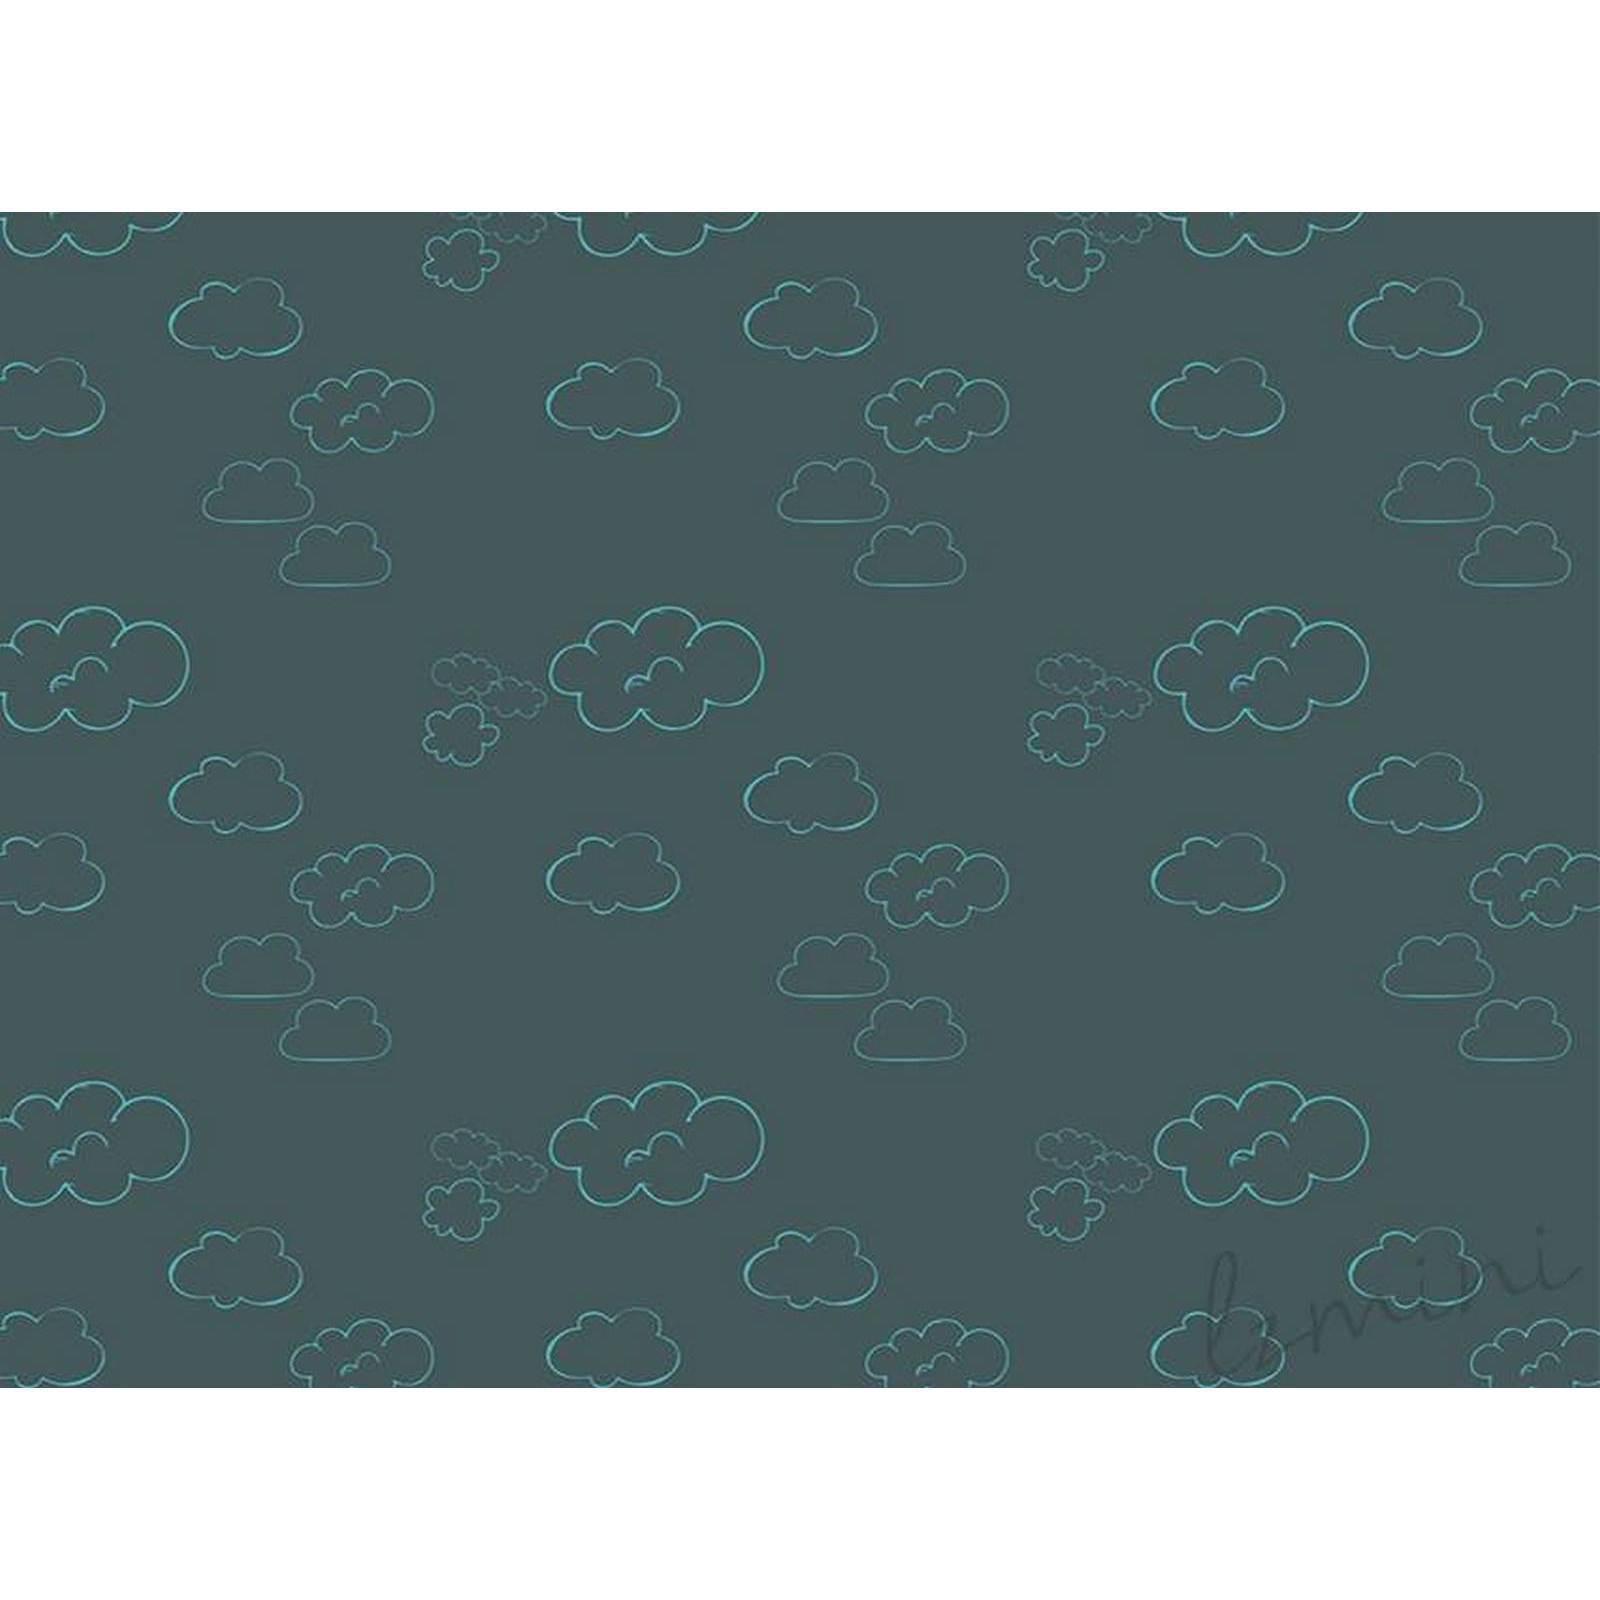 Papel de Parede Cloud H=3m CINZA ESCURO Vinil Adesivo